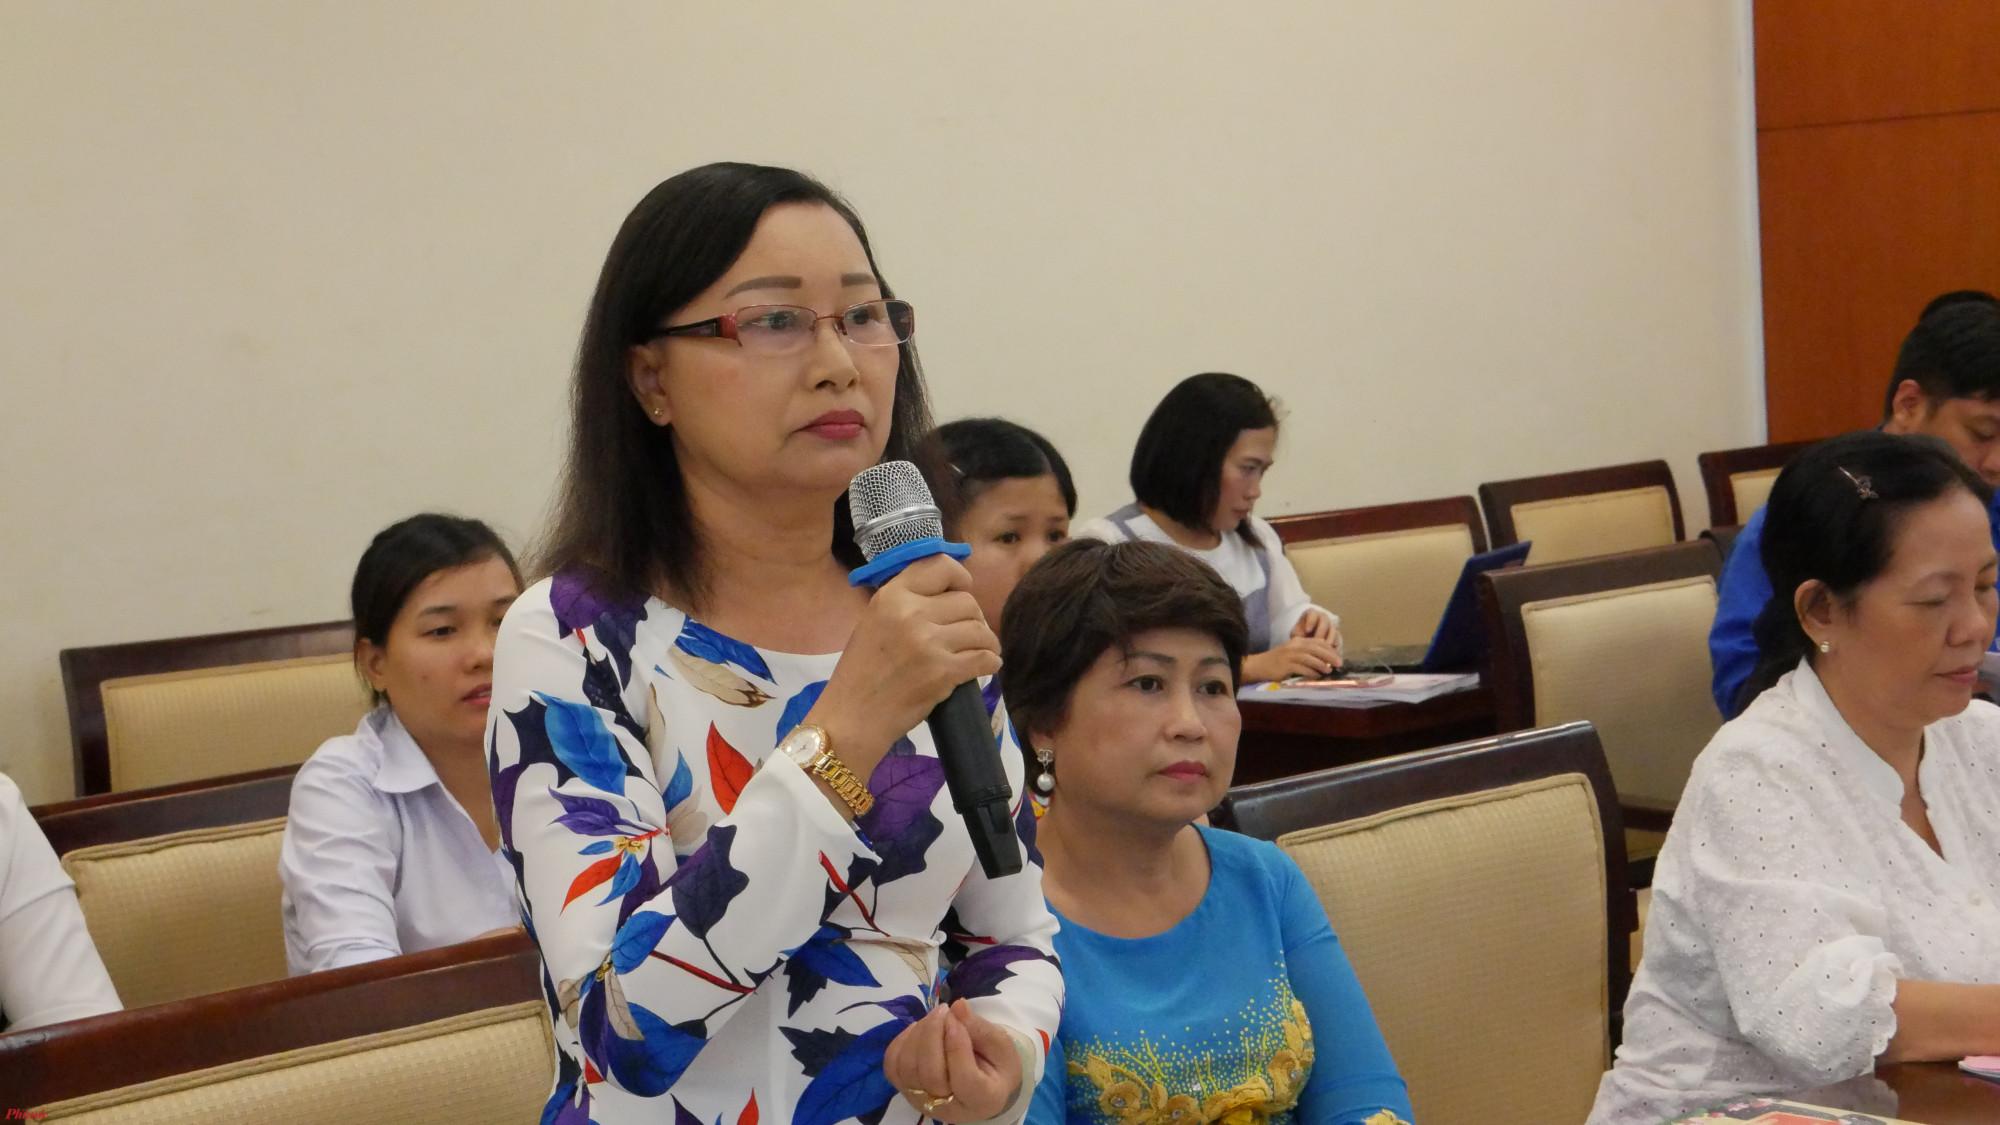 Chị Thủy chia sẻ kinh nghiệm xây dựng gia đình hạnh phúc.